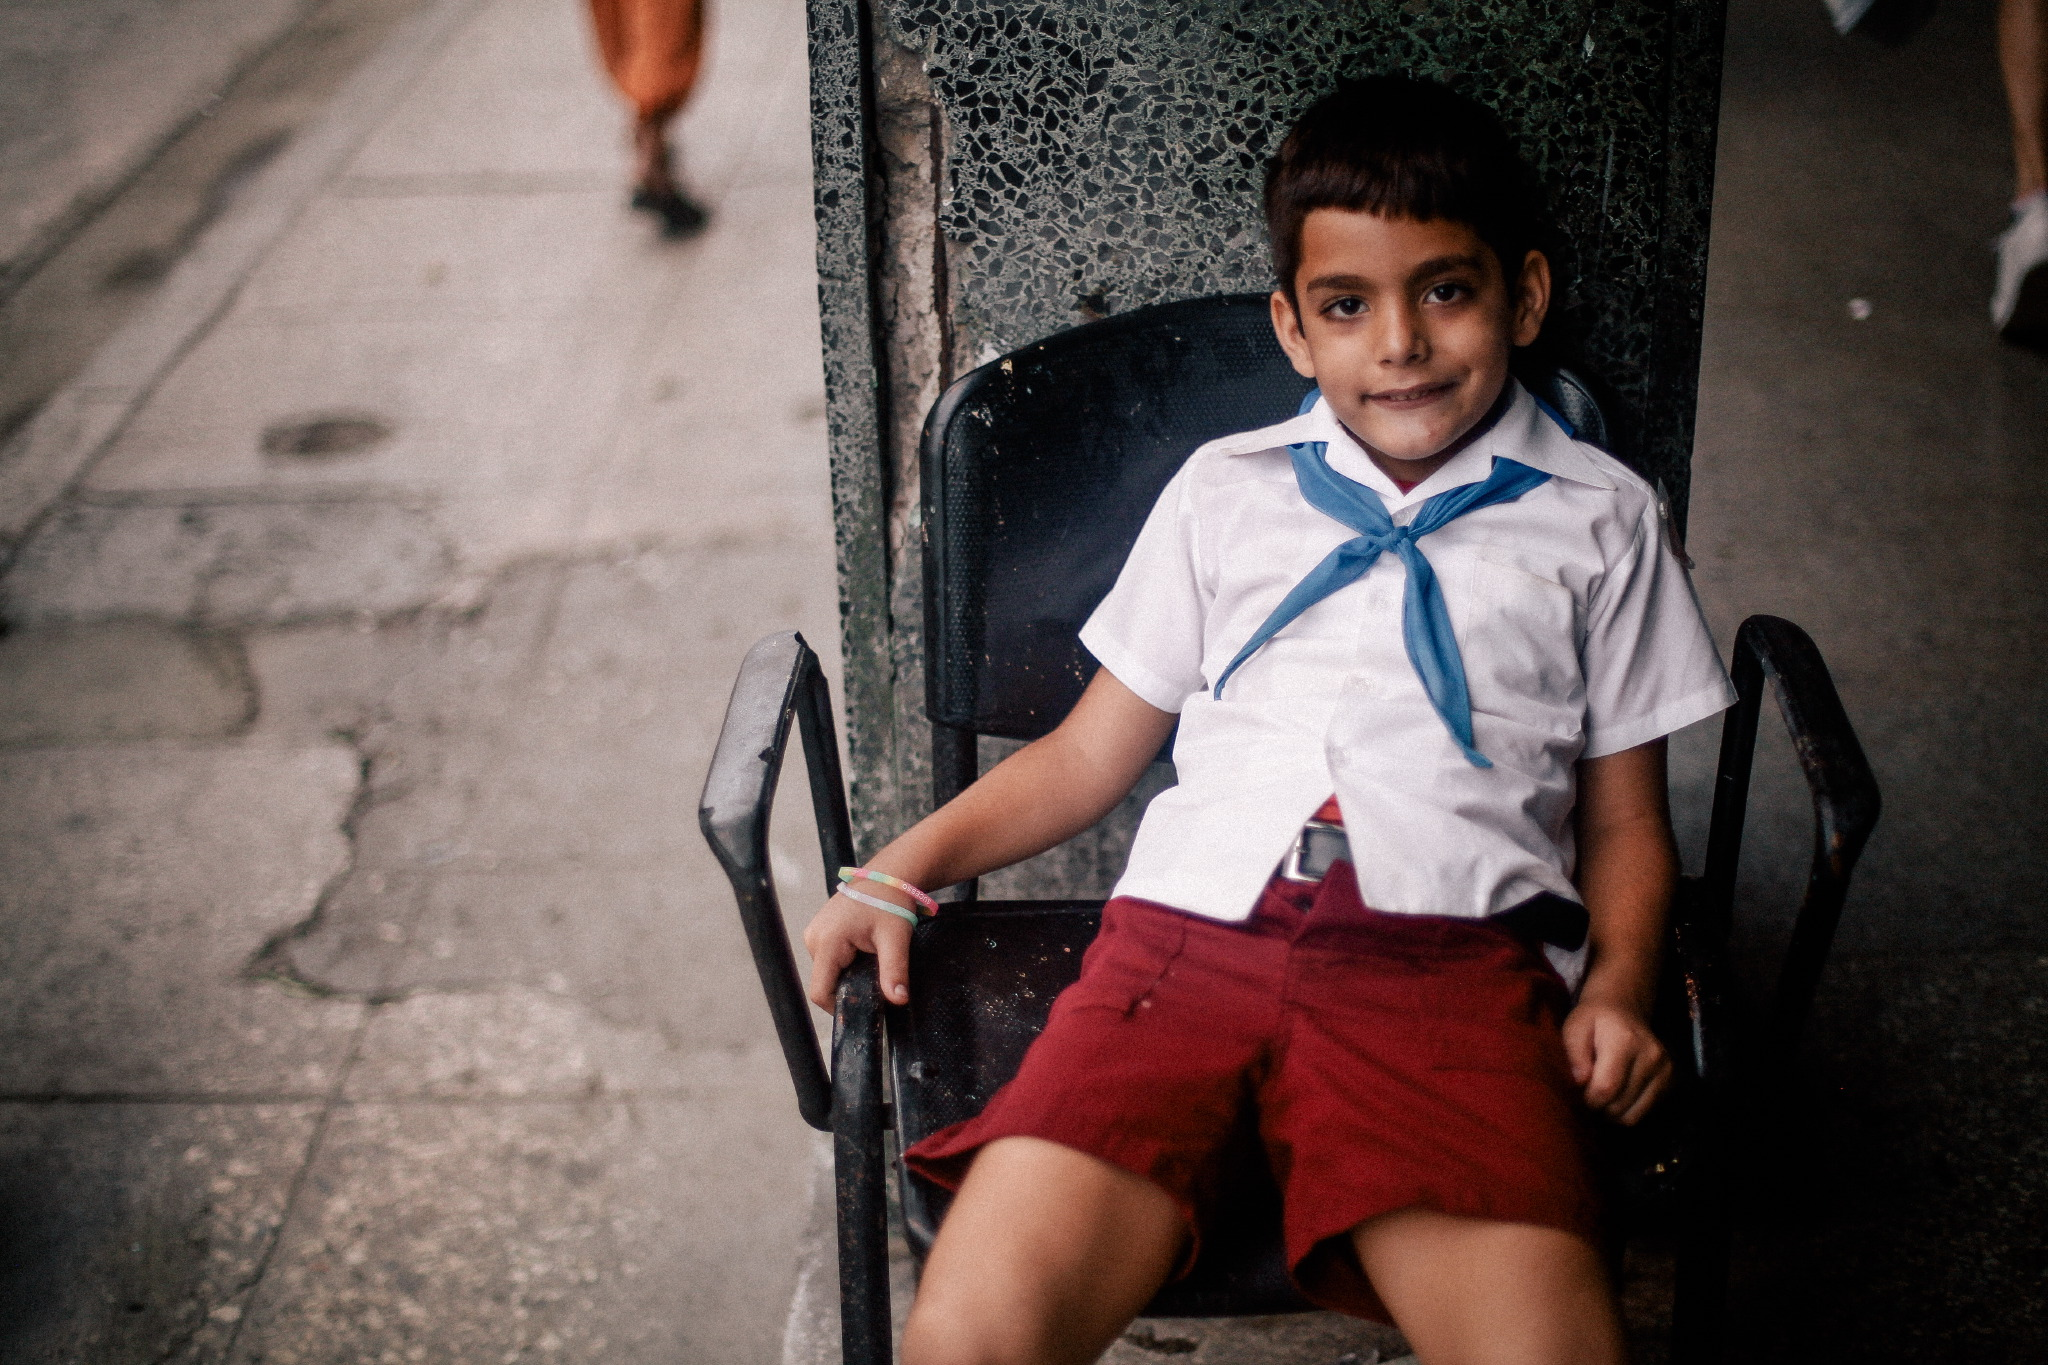 san diego wedding   photographer | child with blue handkerchief tied around neck sitting down